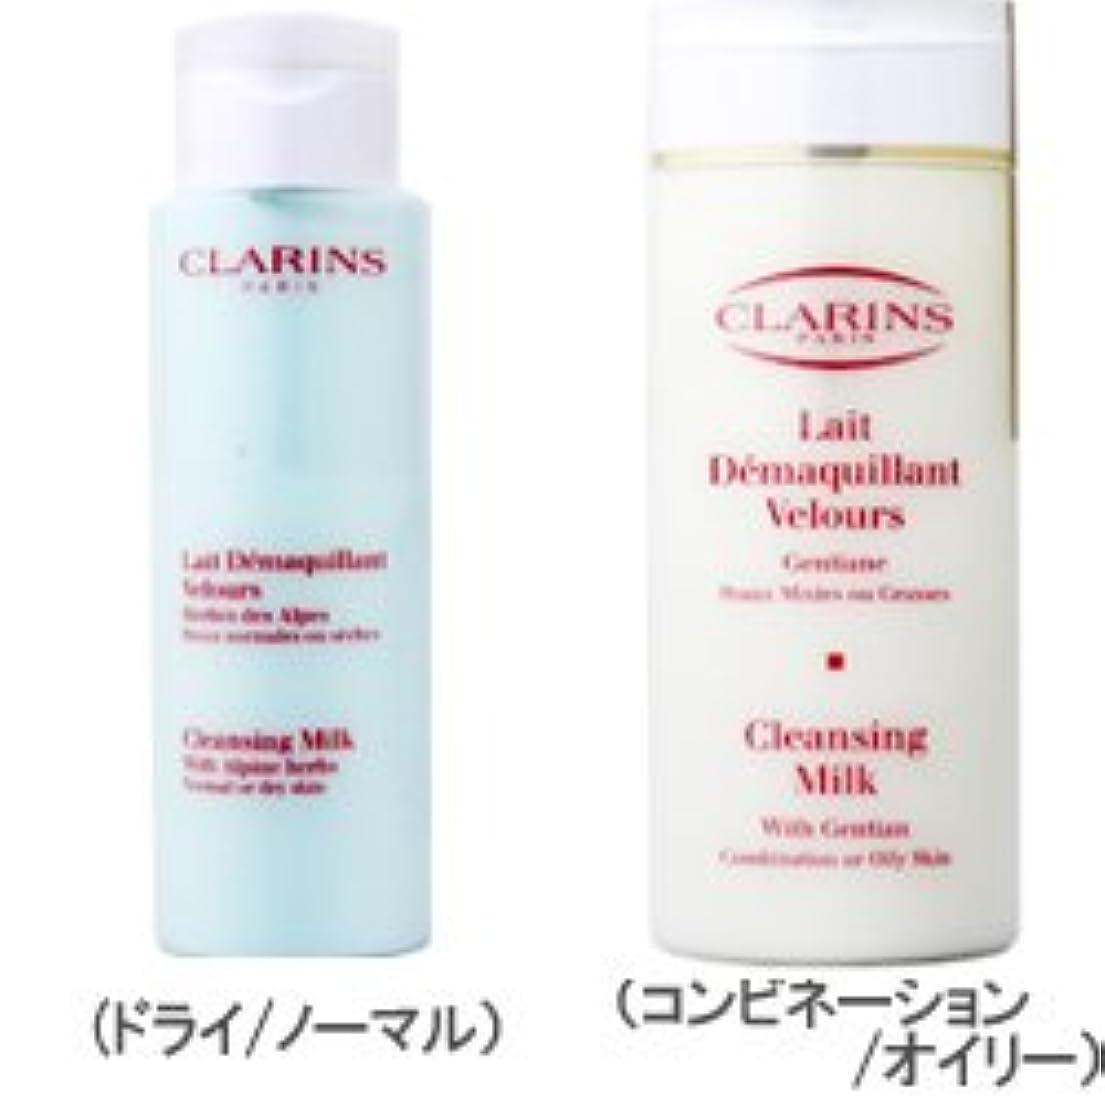 たるみ桃定義するクラランス CLARINS クレンジング ミルク 200mL【ドライ/ノーマル】 [並行輸入品]